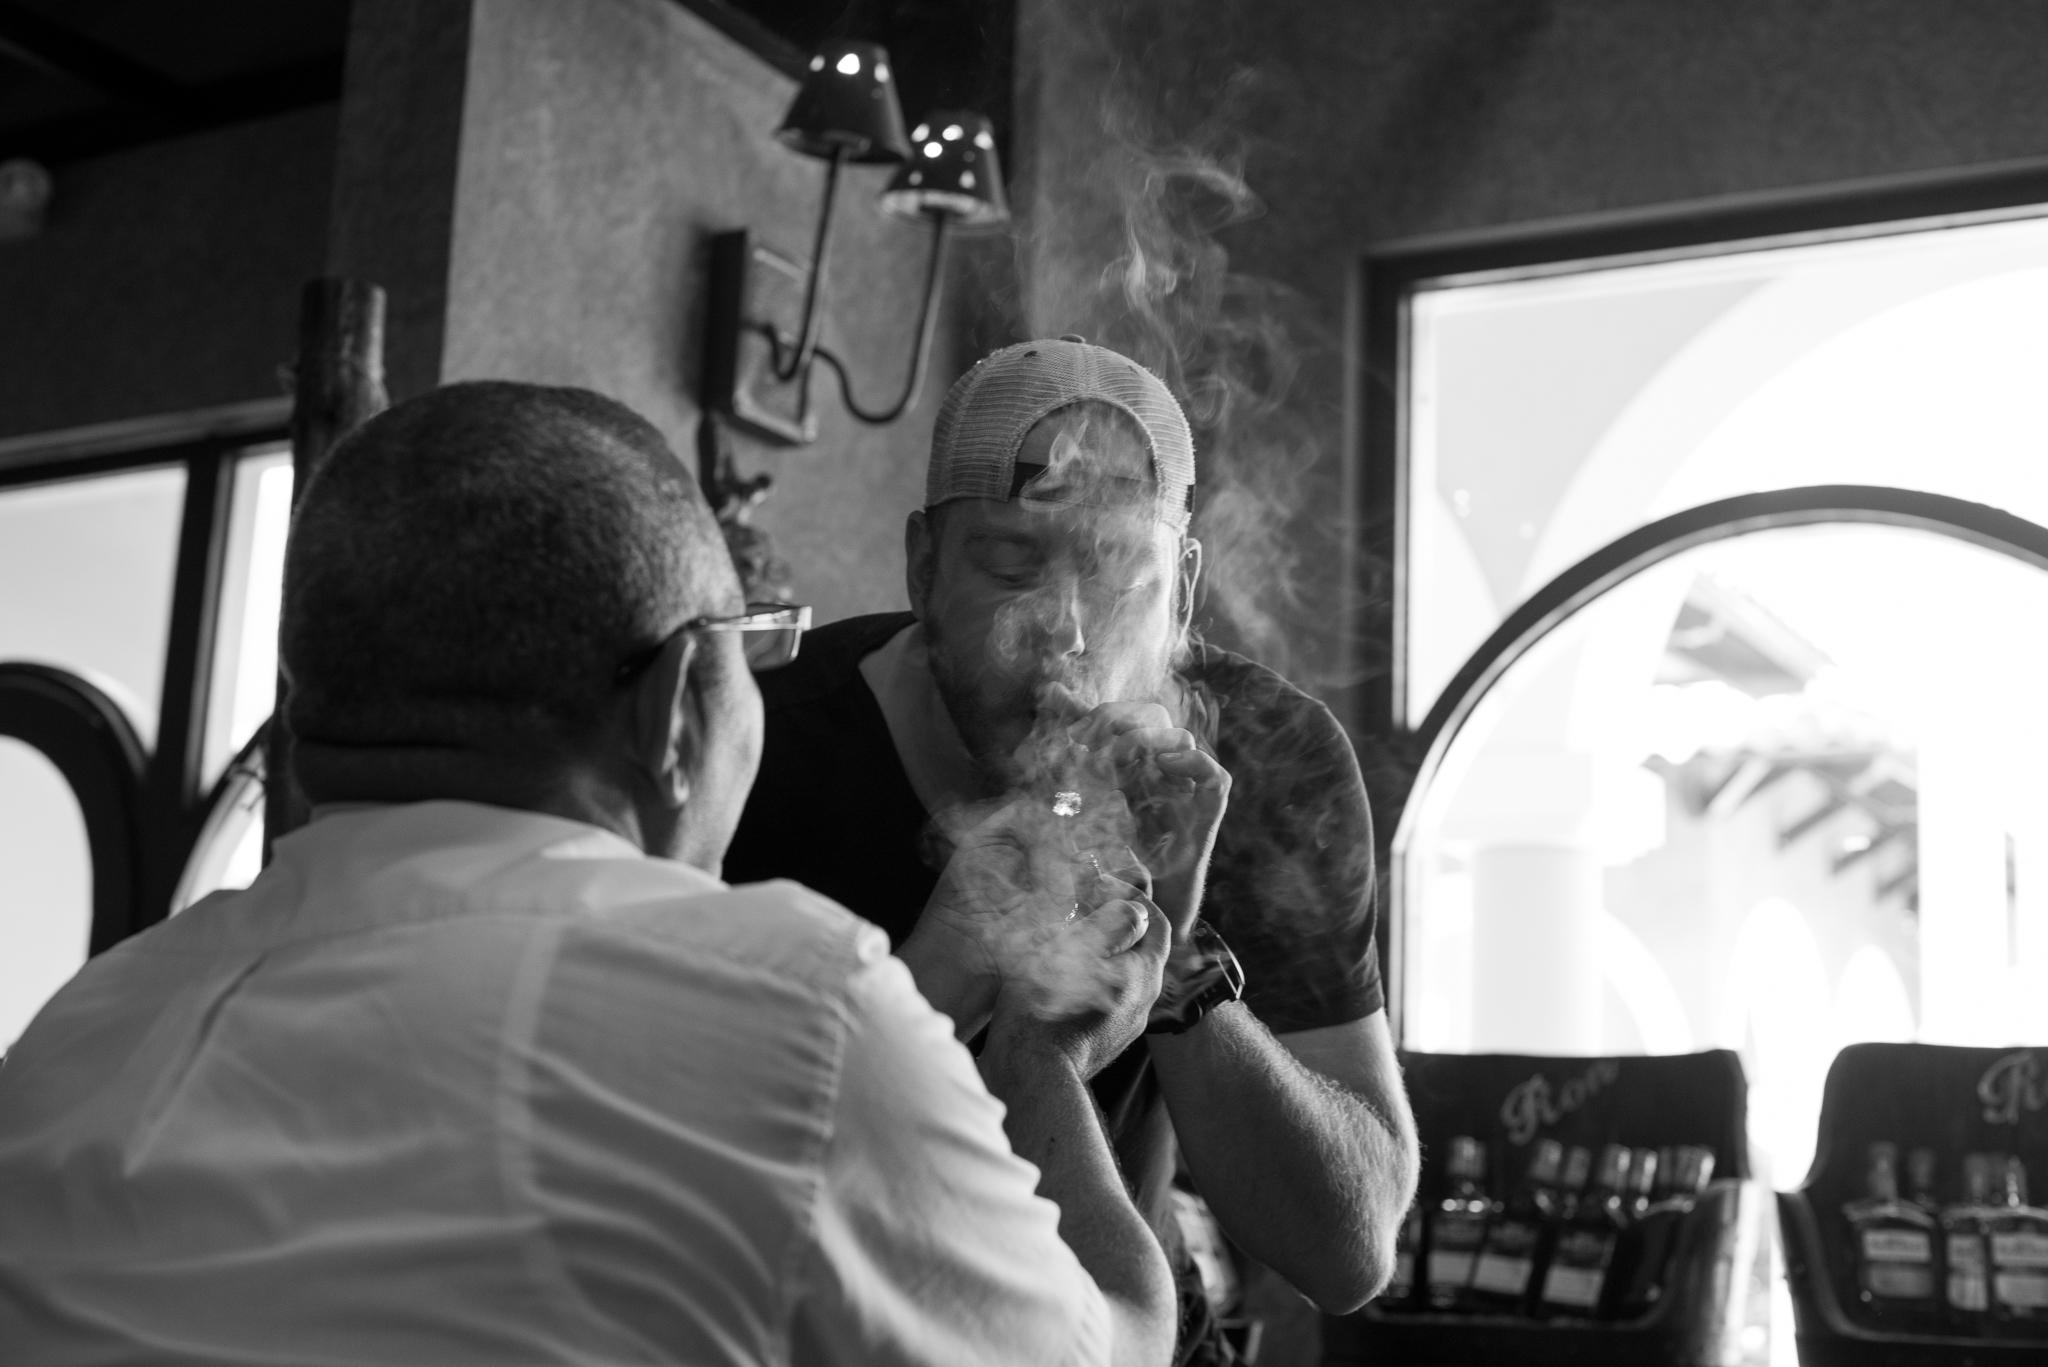 Ben Lighting Up A Fresh Cigar...